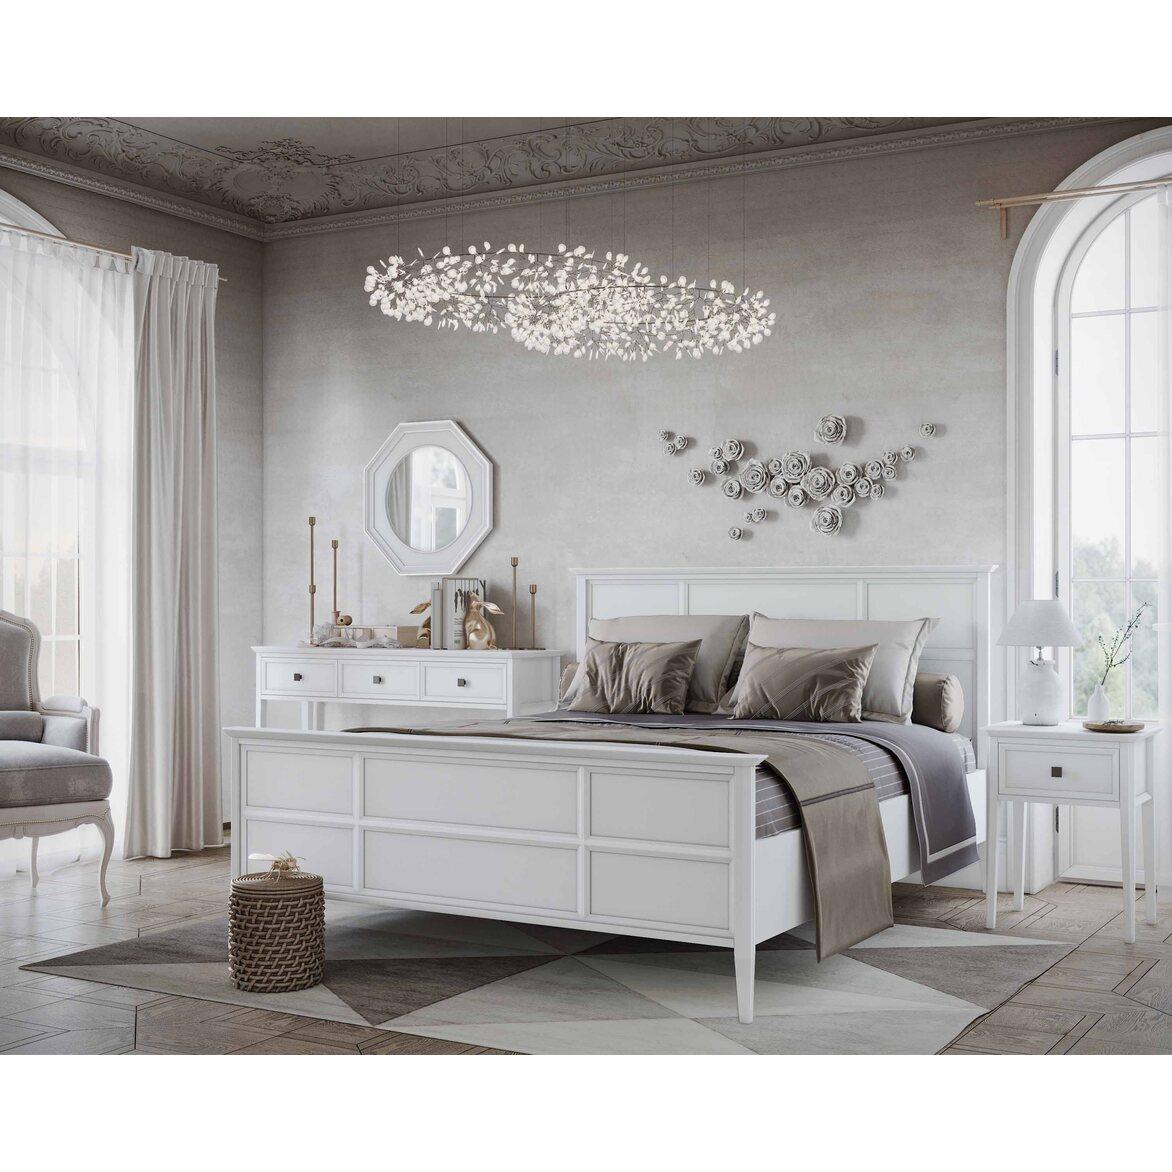 Кровать 160*200 Ellington, белая 4 | Двуспальные кровати Kingsby